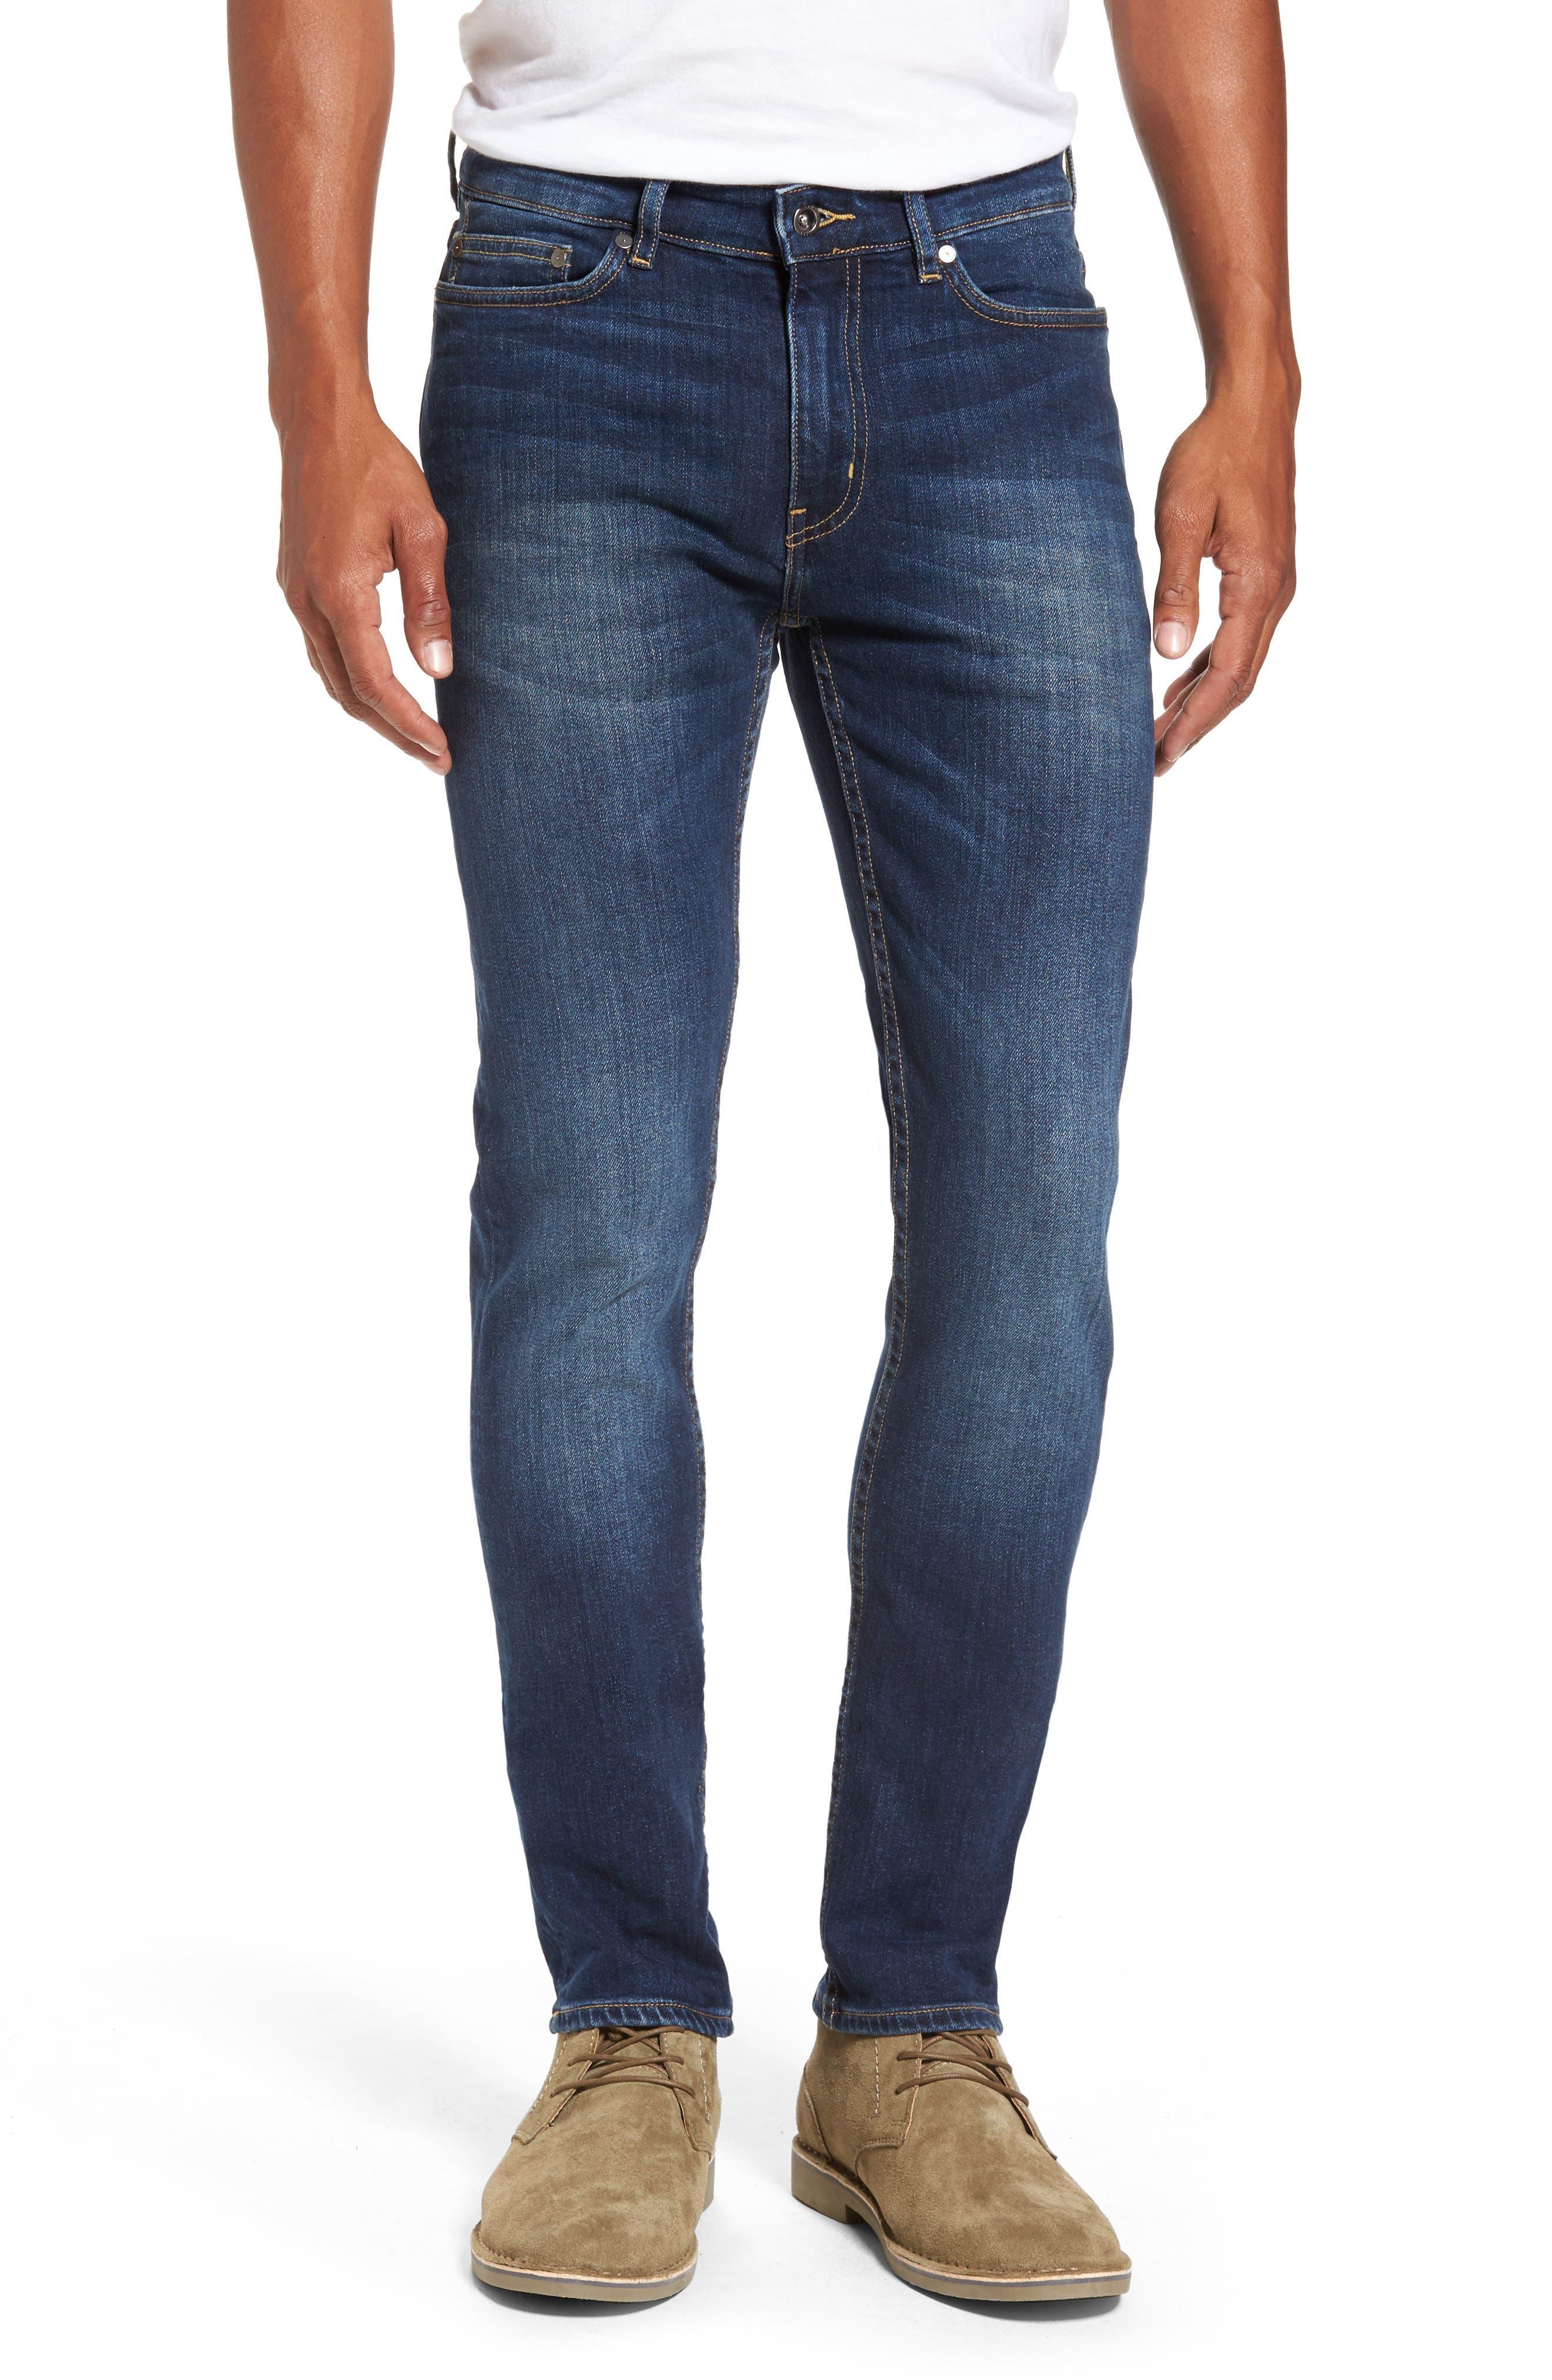 Derbyshire Slim Fit Jeans,                             Main thumbnail 1, color,                             DENIM